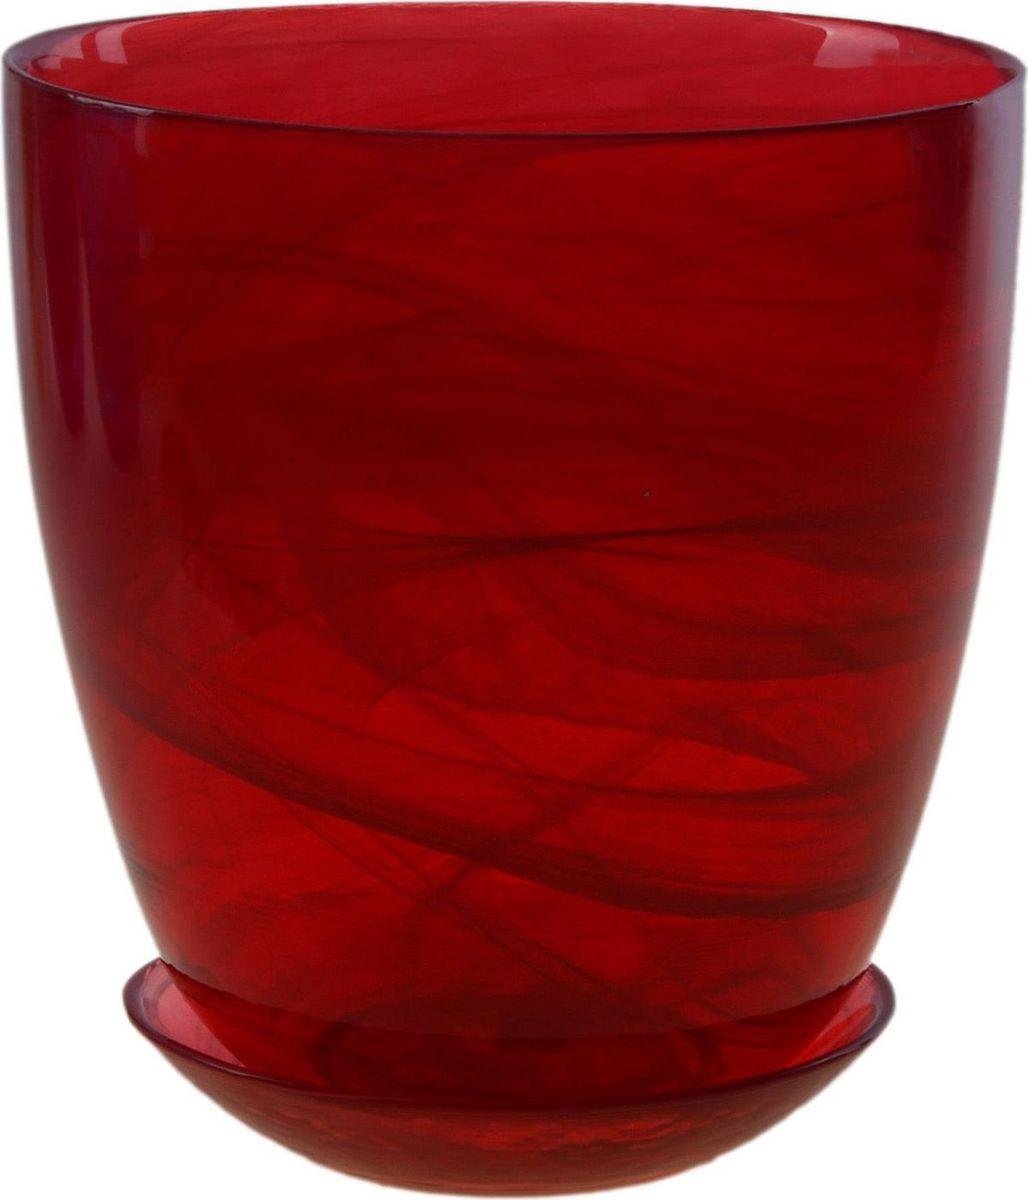 Кашпо NiNaGlass Гармония, с поддоном, цвет: рубиновый, 2 л607696Кашпо с поддоном NiNaGlass Гармония, выполненное из стекла, предназначено для выращивания декоративных растений, цветов и трав. Комнатные растения - всеобщие любимцы. Они радуют глаз, насыщают помещение кислородом и украшают пространство. Каждому цветку необходим свой удобный и красивый дом. Из-за прозрачности стекла такие декоративные кашпо пользуются большой популярностью для выращивания орхидей. Кашпо позаботится о растениях, освежит интерьер и подчеркнет его стиль.